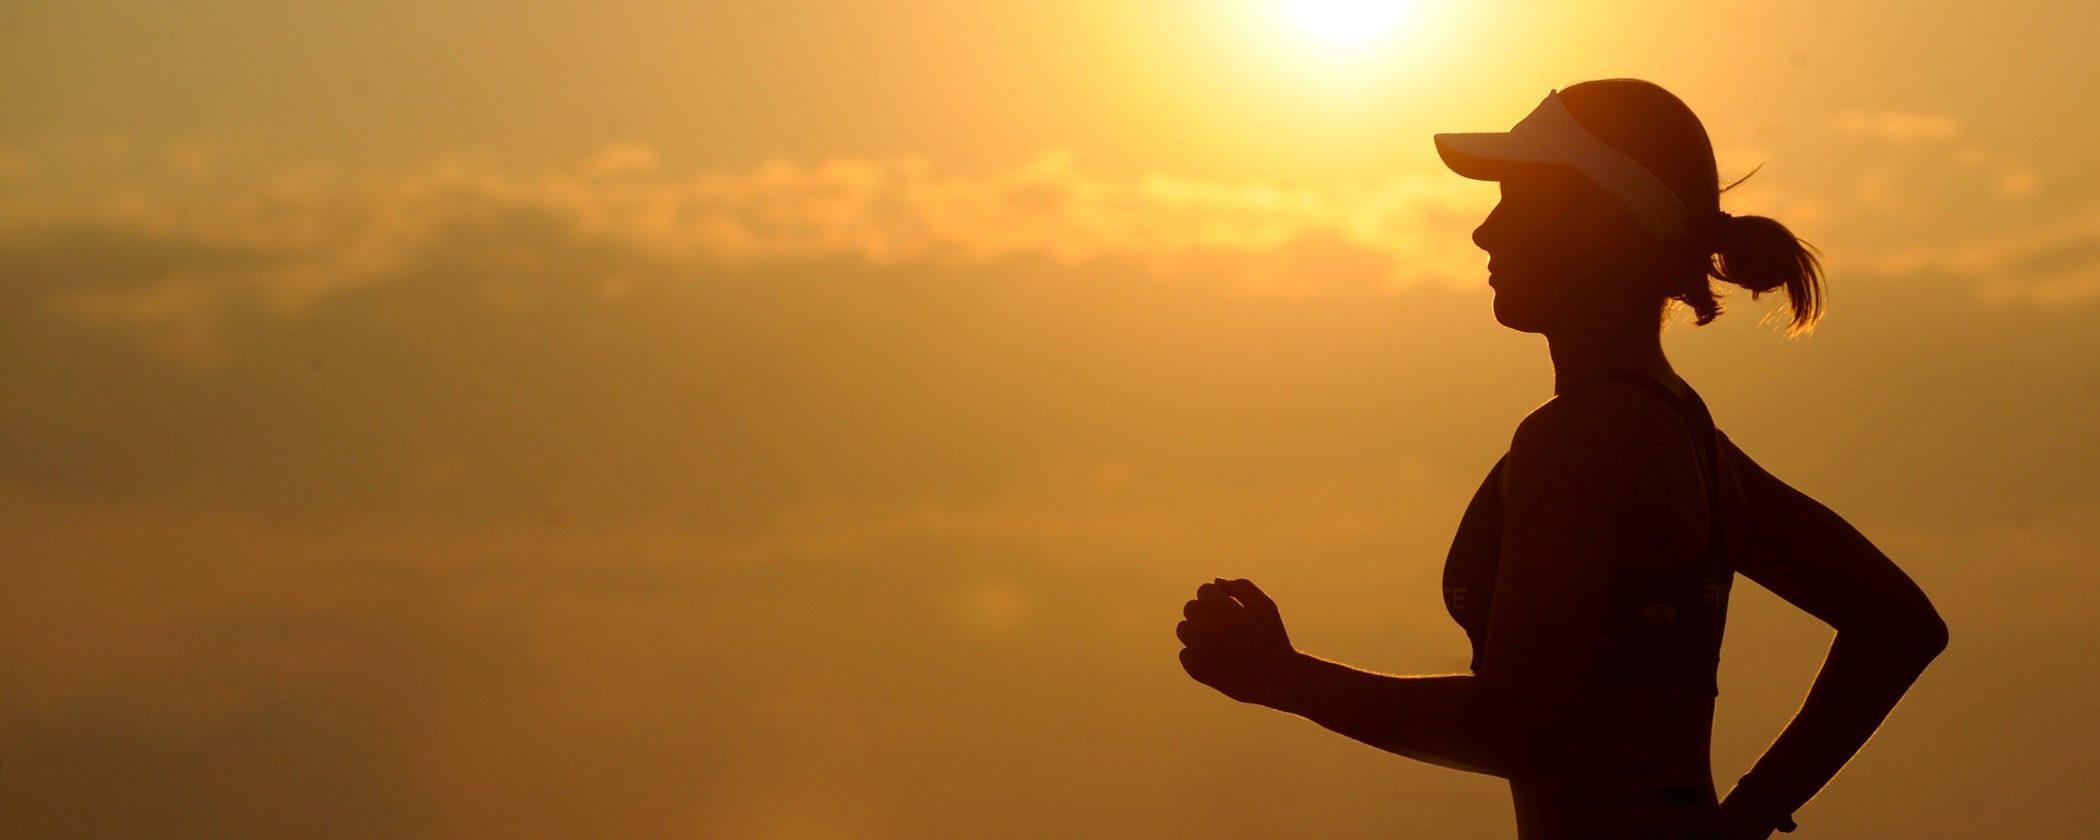 Google Coach: l'AI che programma esercizio fisico e dieta